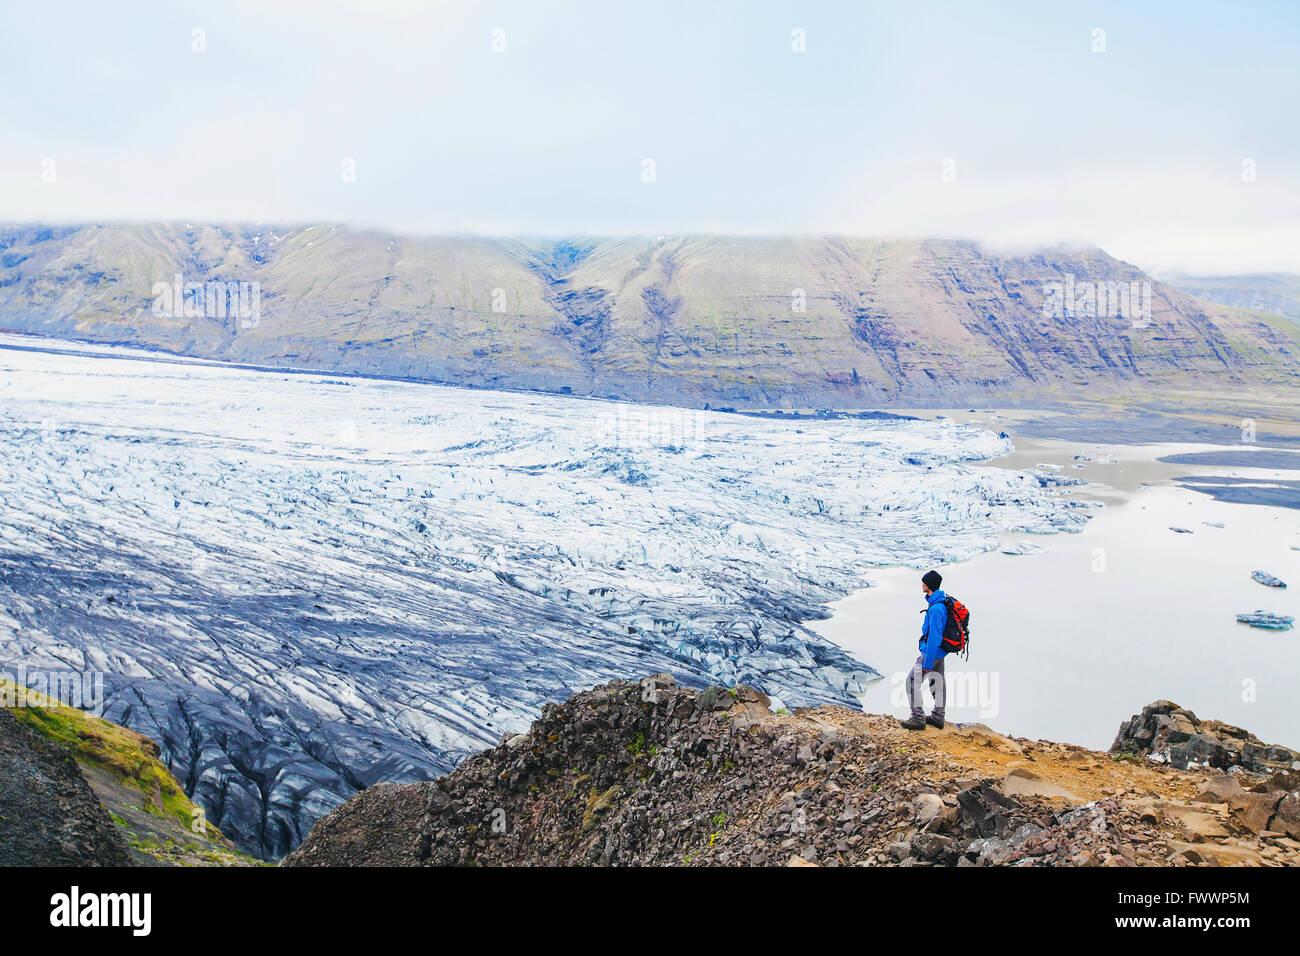 traveler enjoying panoramic view of glacier in Iceland - Stock Image